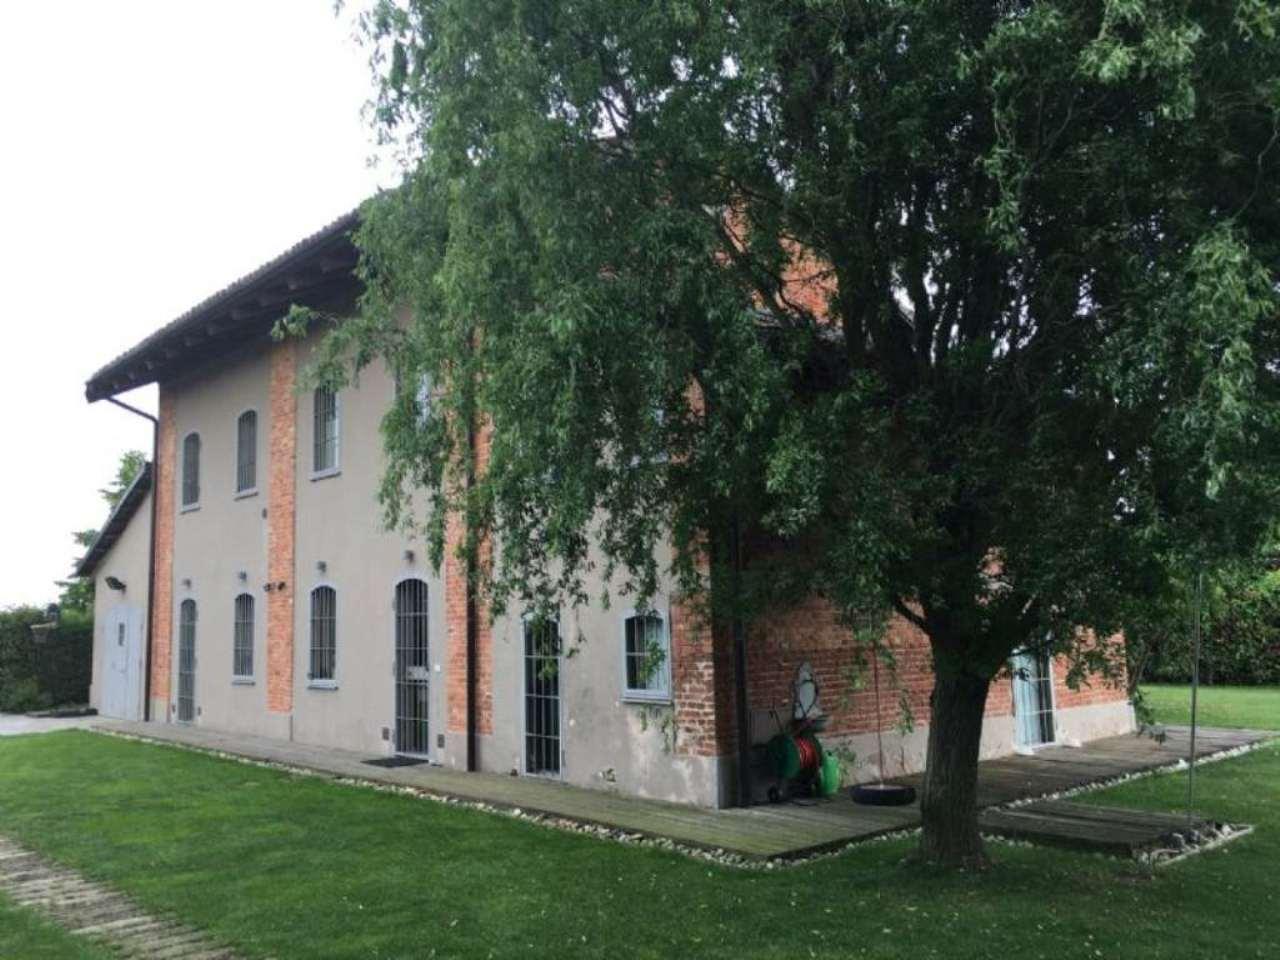 Rustico / Casale in vendita a Poirino, 9 locali, prezzo € 360.000 | Cambio Casa.it